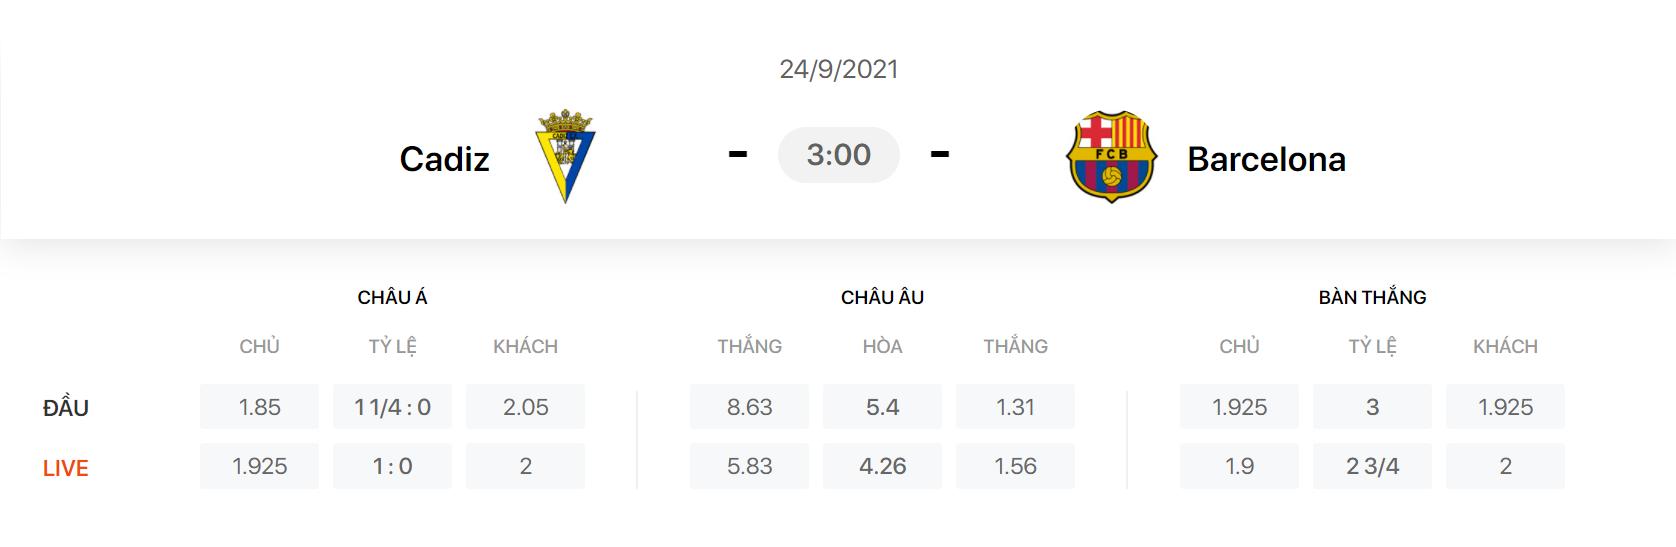 Nhận định, soi kèo, dự đoán Cadiz vs Barcelona (vòng 6 LaLiga) - Ảnh 1.